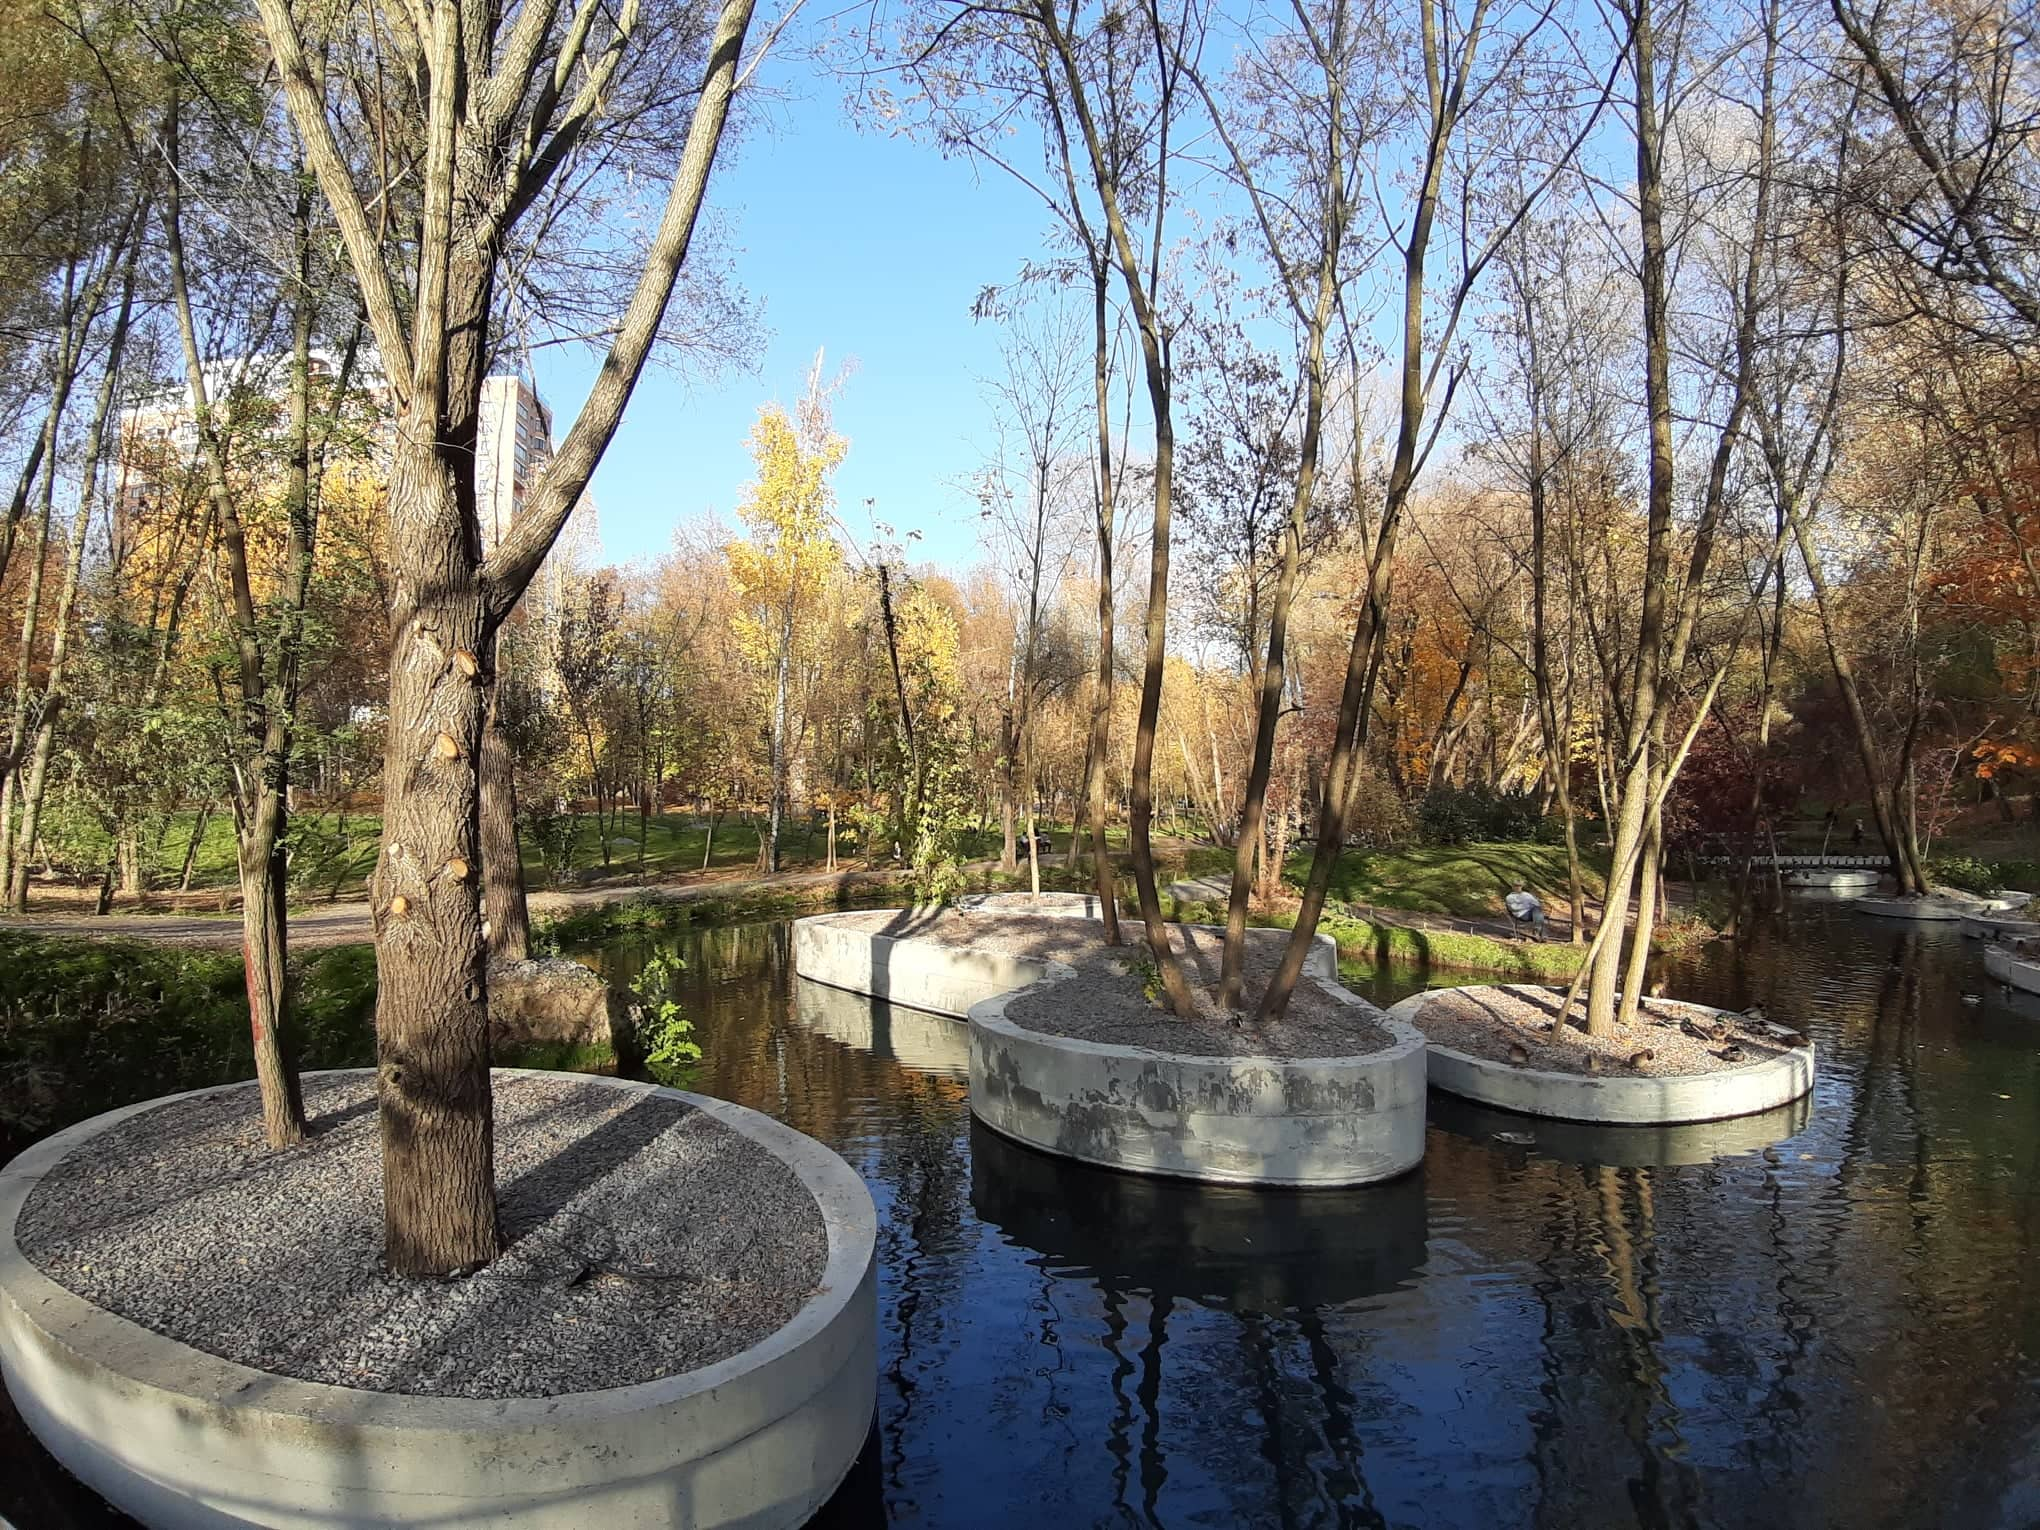 Park in Kharkiv, Ukraine